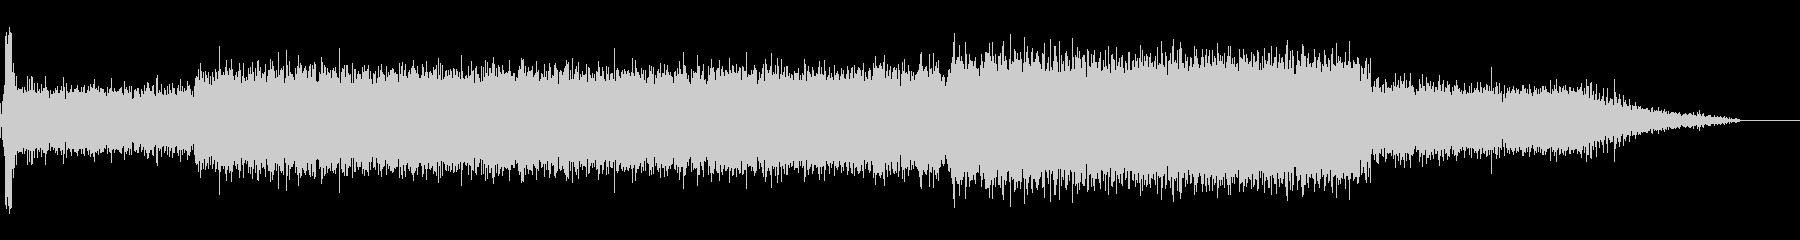 旋盤-モダン-原理-制御-停止の未再生の波形